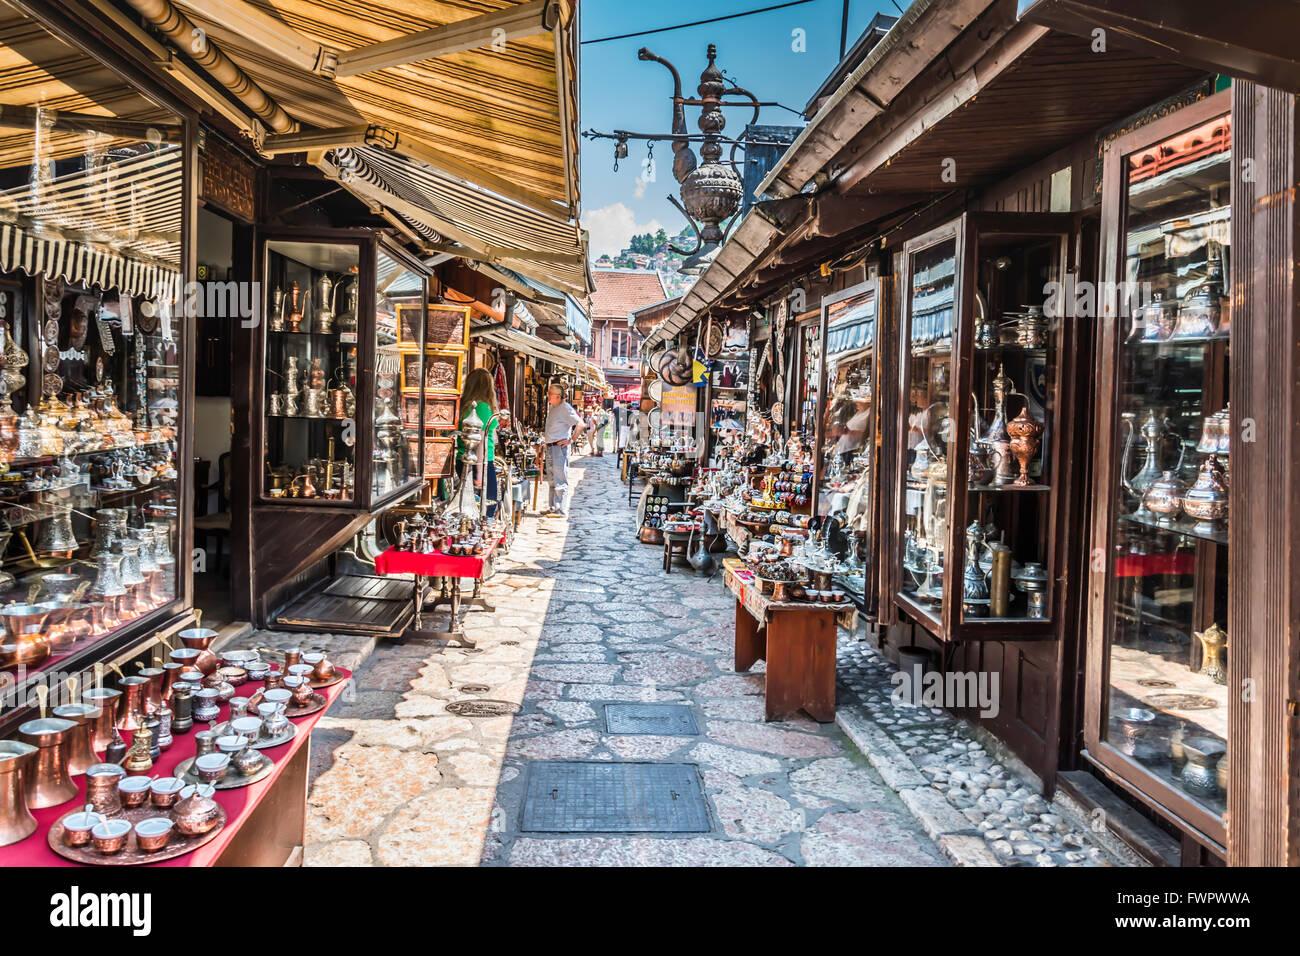 Old craft shops sreet - Stock Image